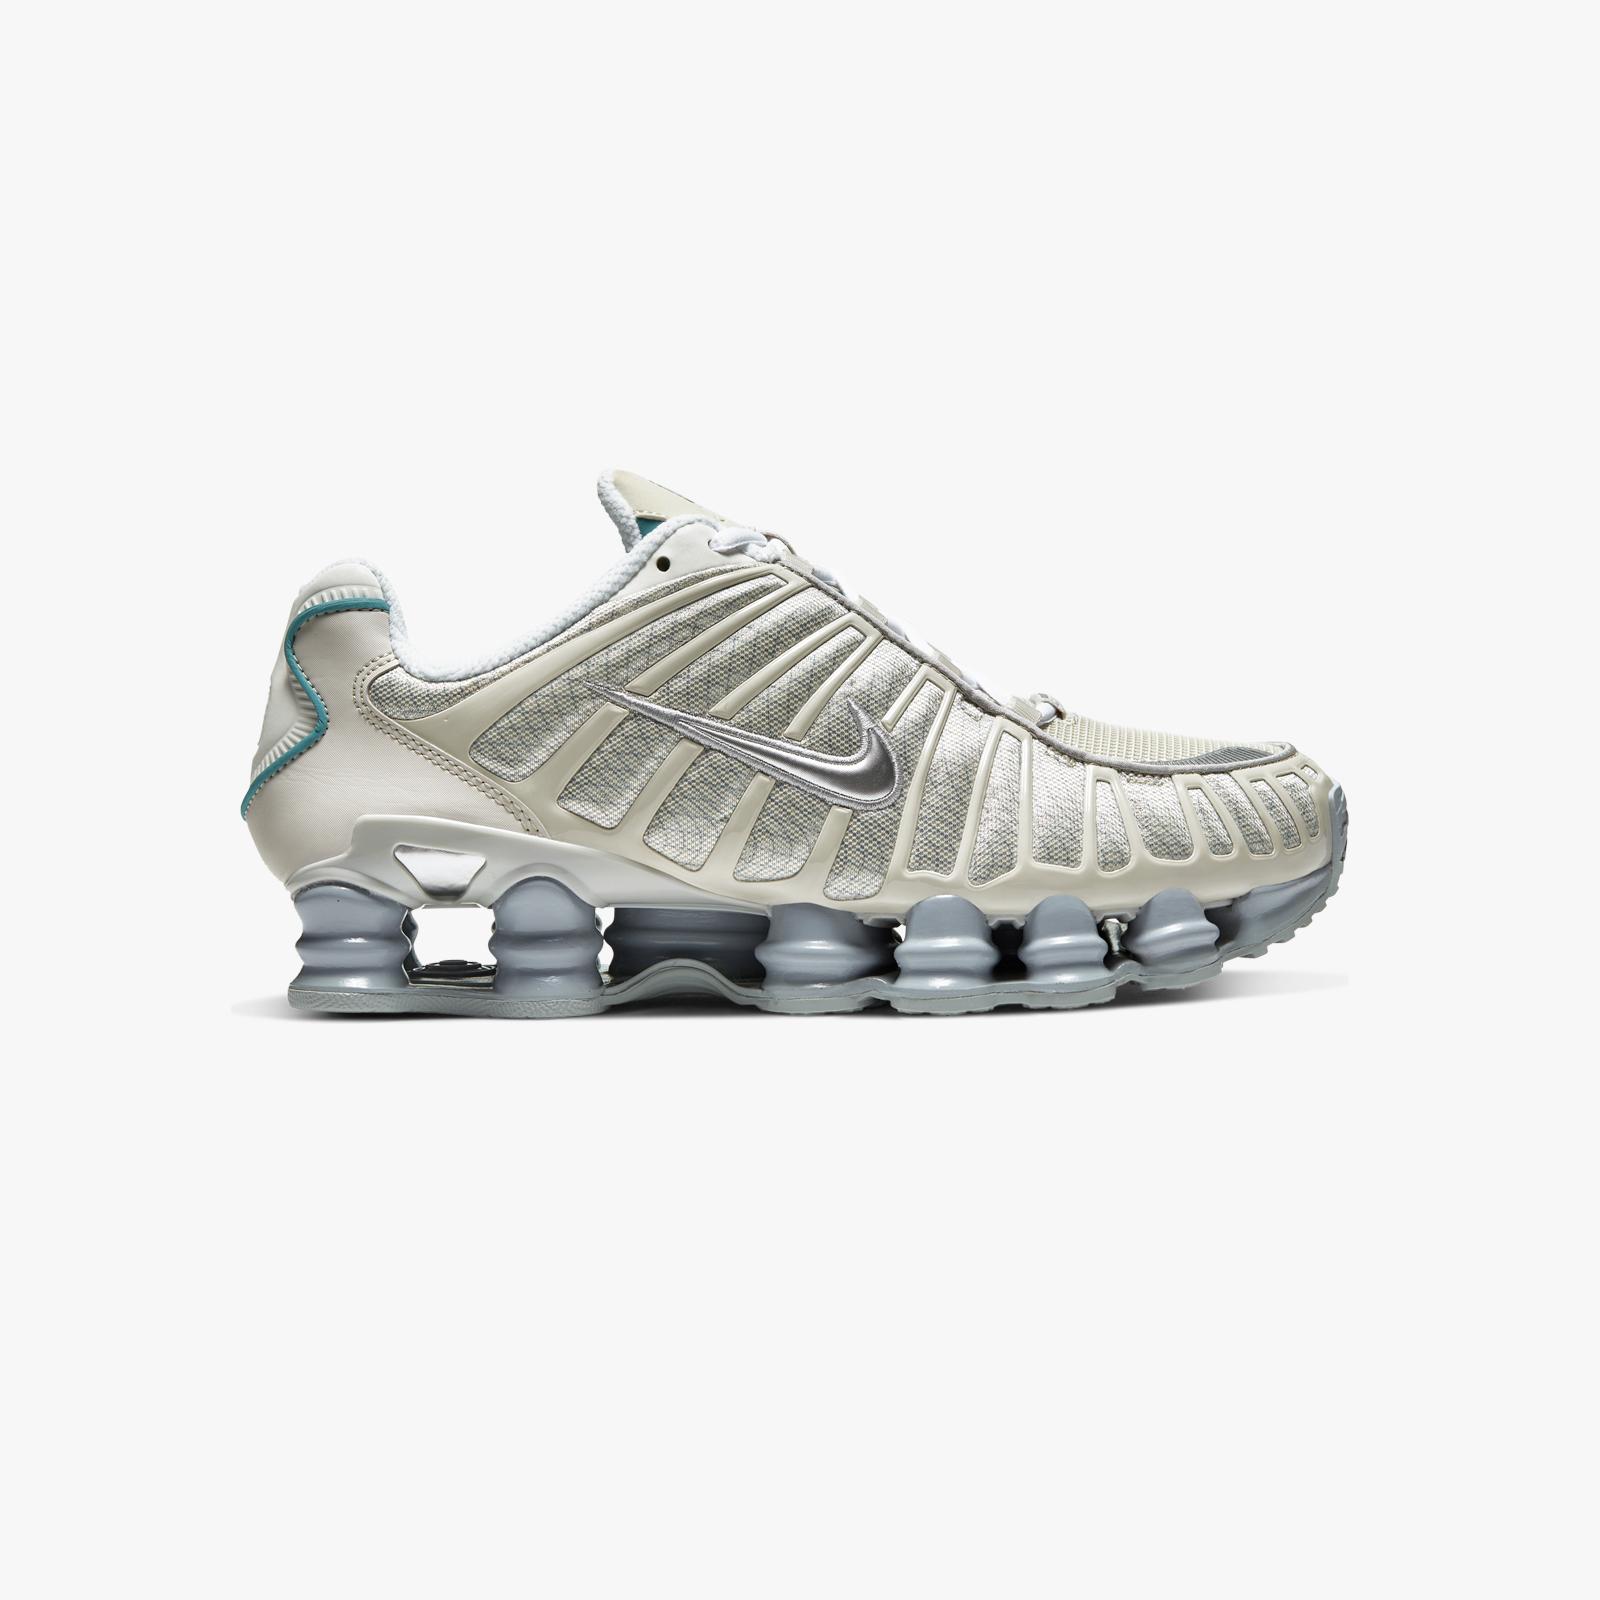 Nike Shox TL GEL Ct8417 001 Sneakersnstuff I Sneakers